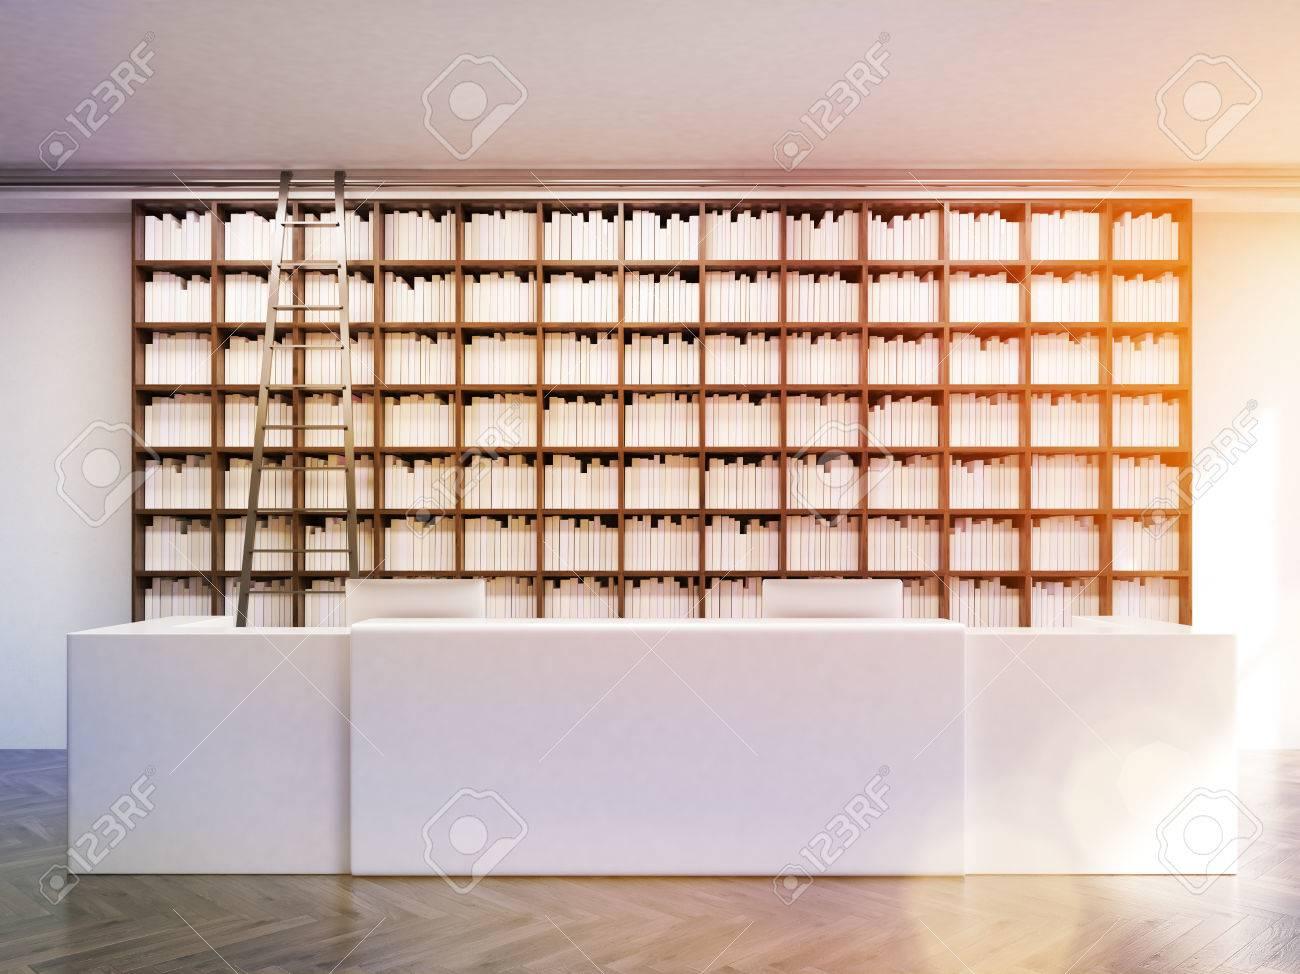 Genial Moderne öffentliche Bibliothek Interieur Mit Großen Weißen Tisch, Computer,  Bücherregale Und Leiter. Konzept